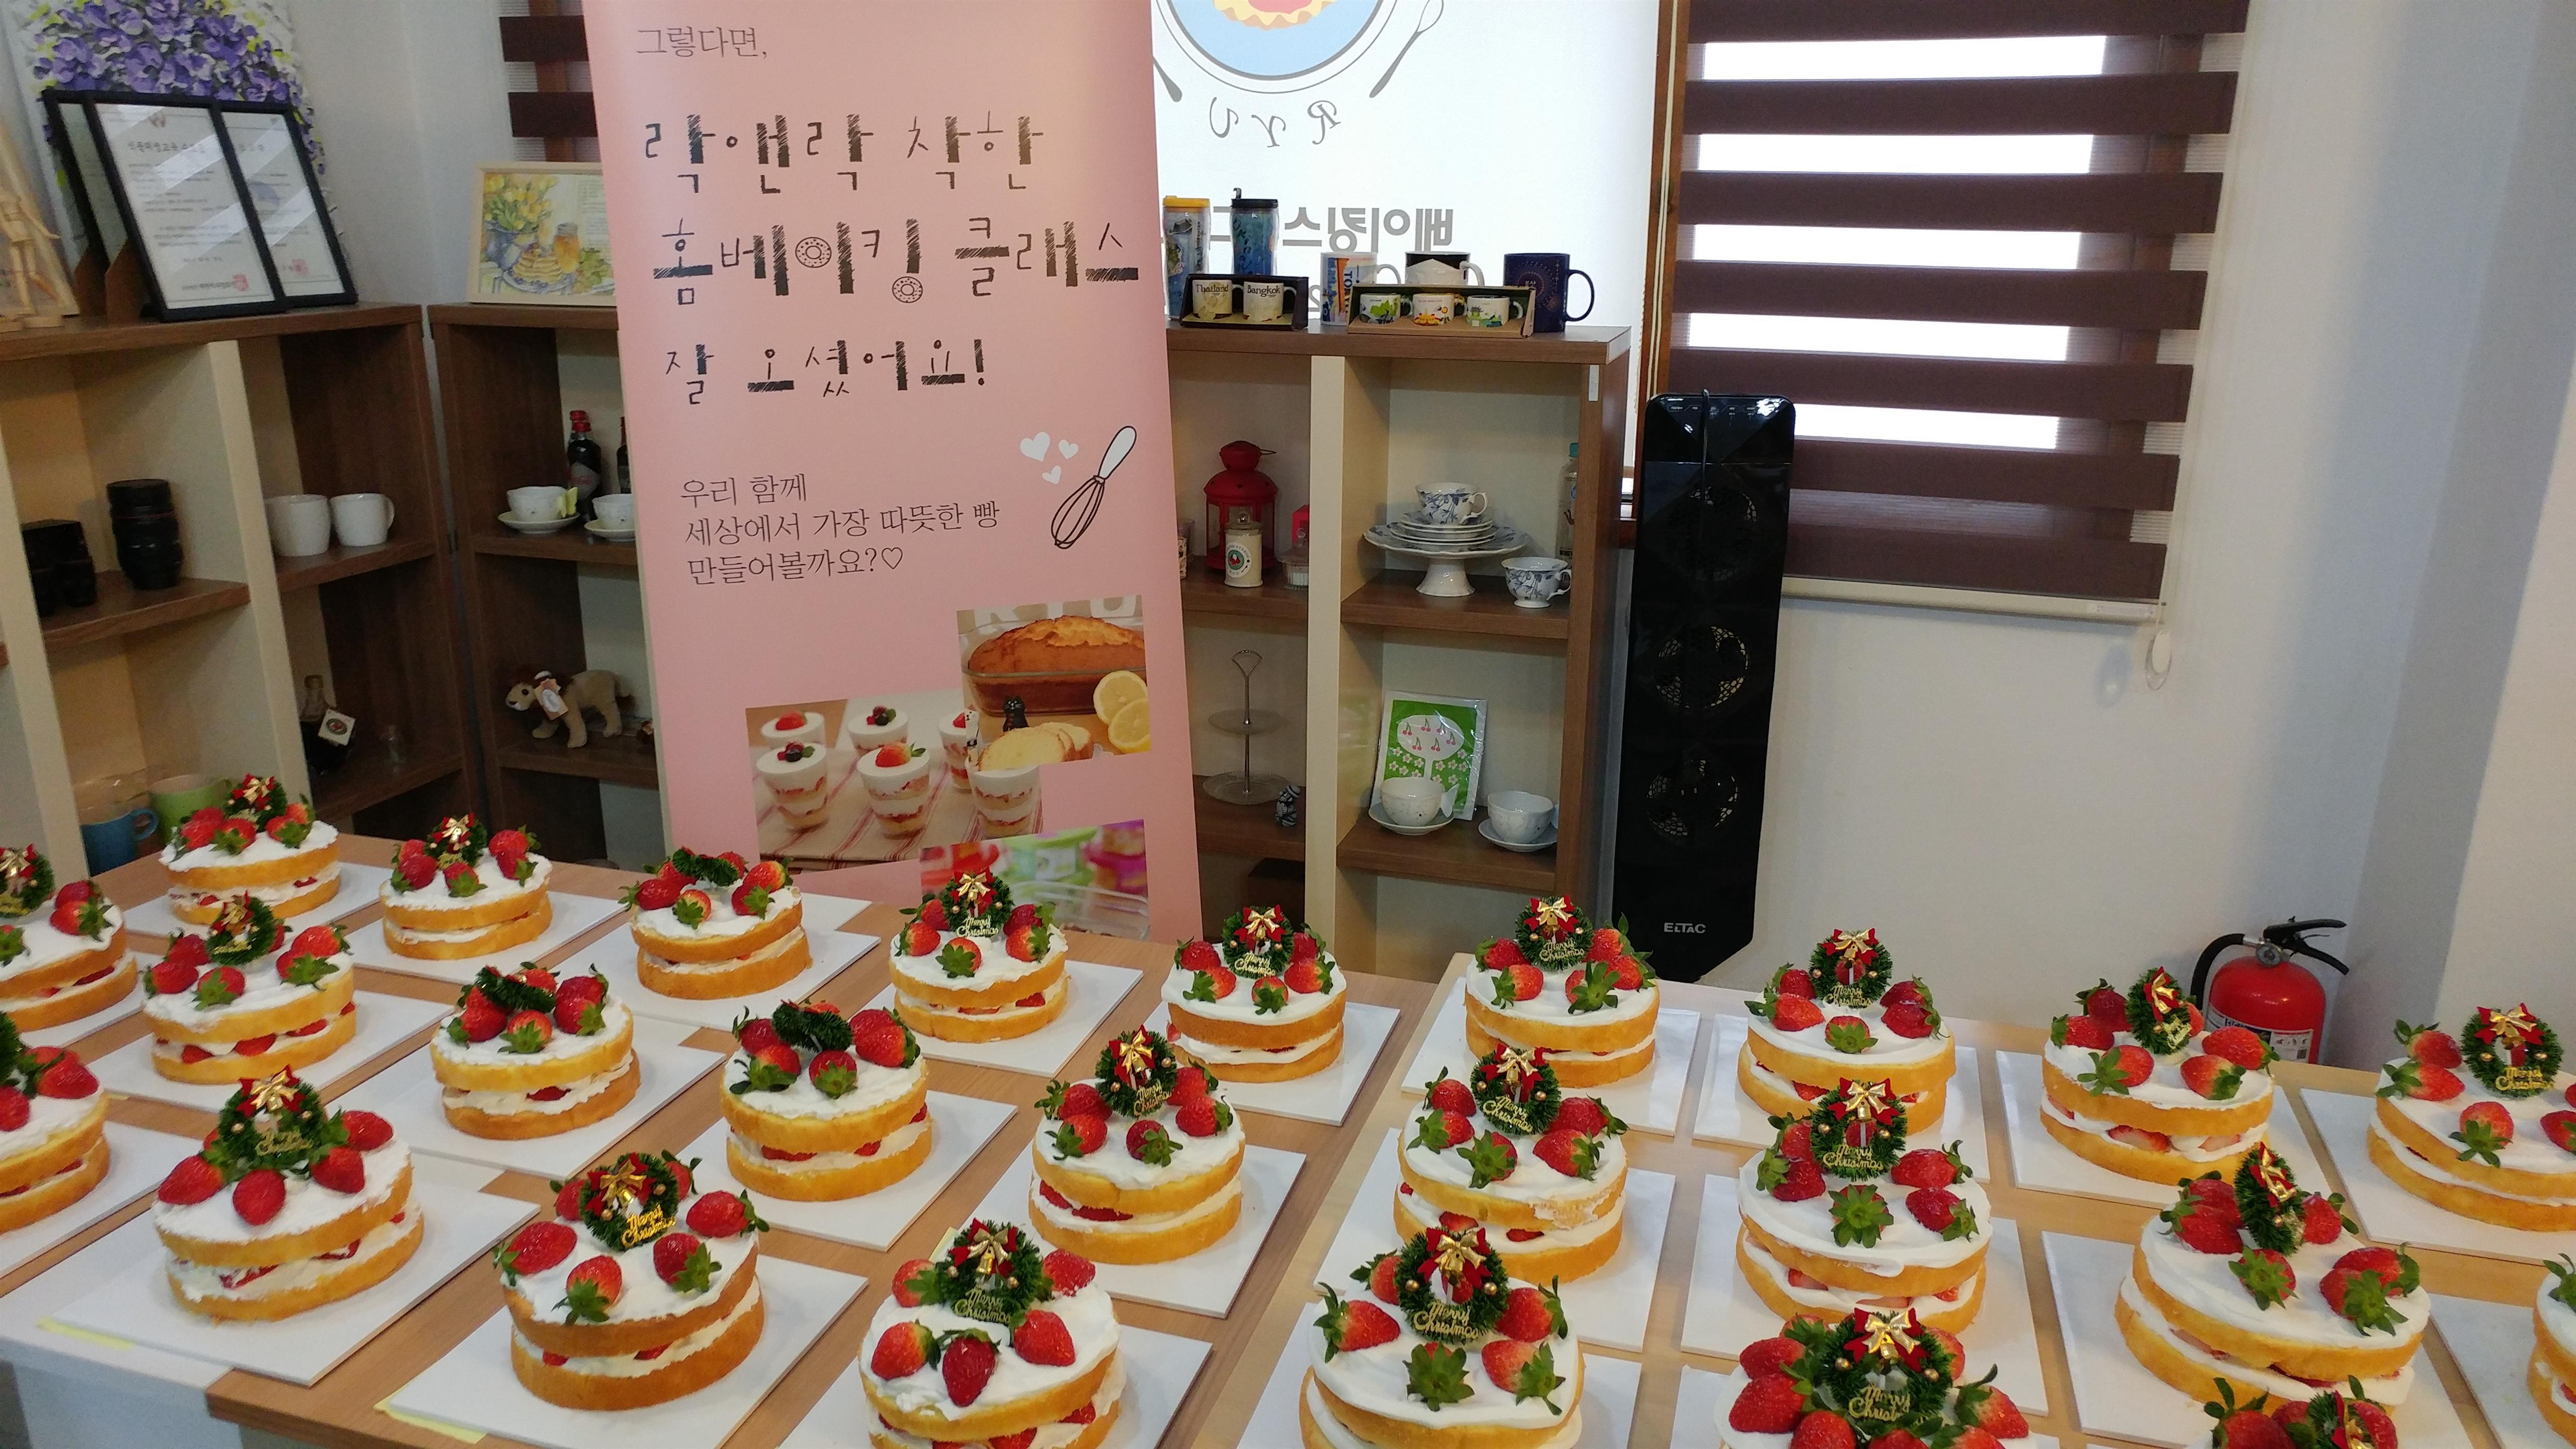 16.12.23. [쿠킹클래스 후기] 락앤락 착한 홈베이킹 클래스-딸기 쇼트 케익